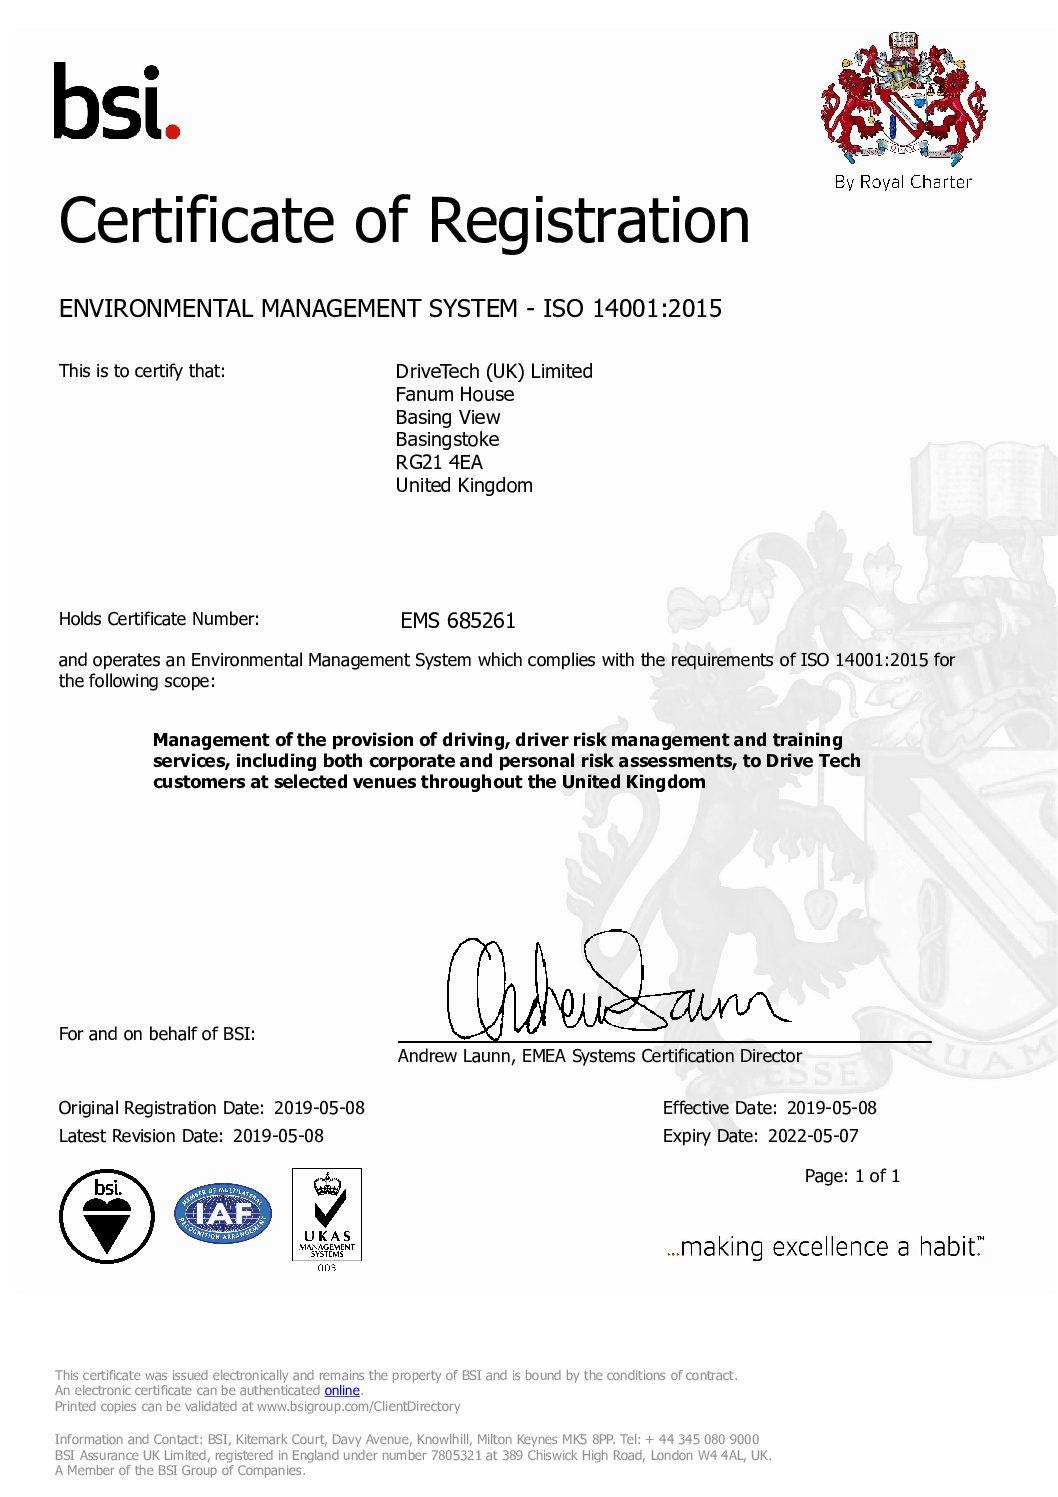 BSI ISO 14001 Certificate